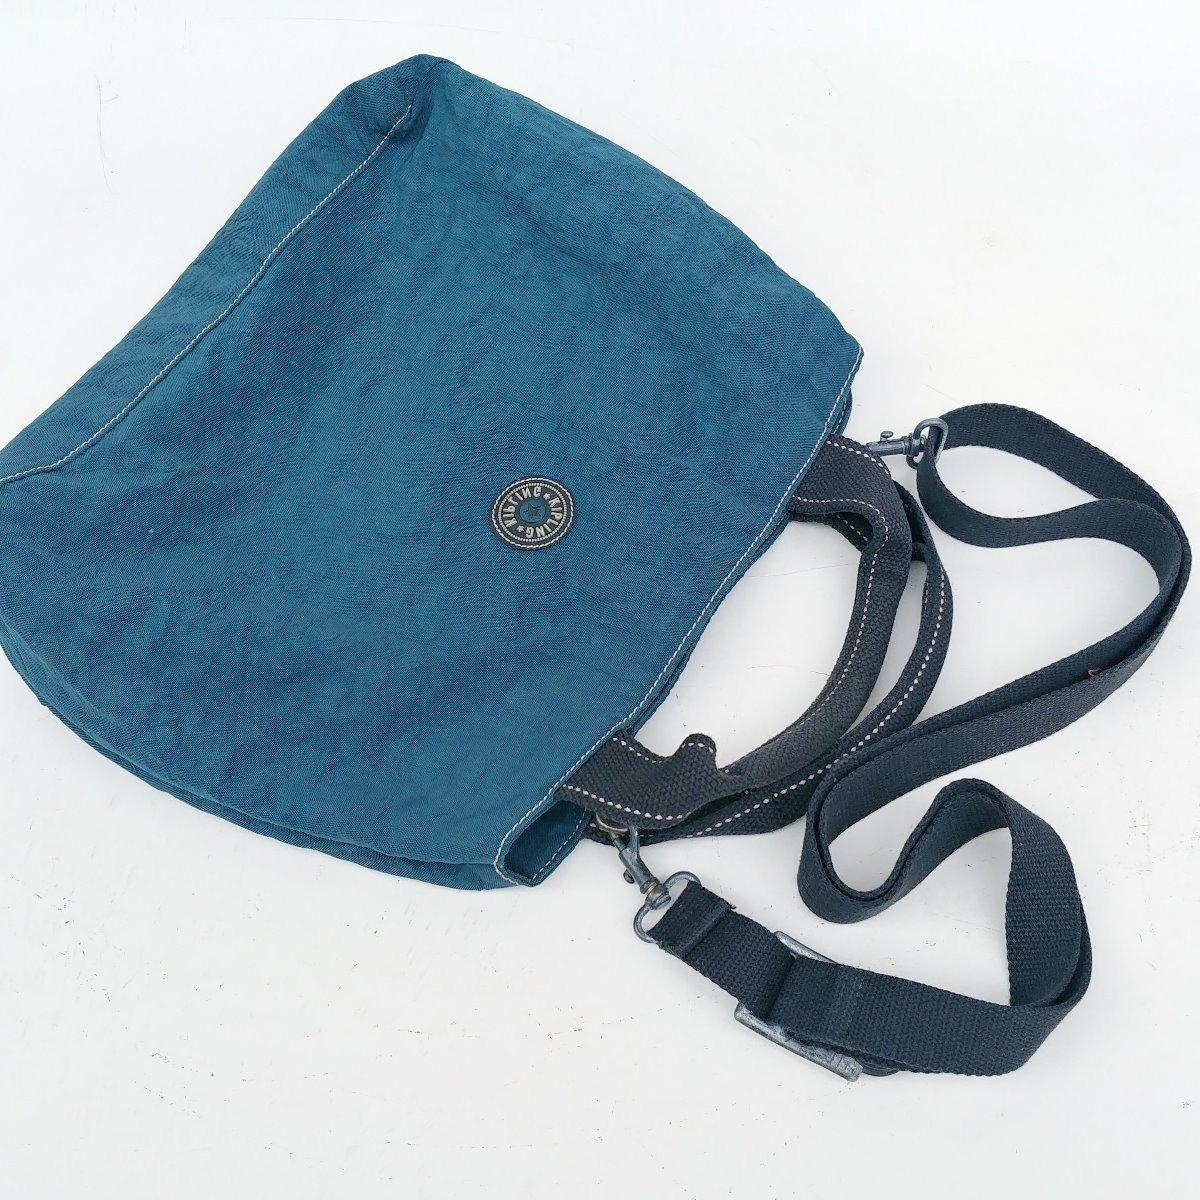 521119c65 01 bolsa alça mão usada orig legítima da marca s/macaco disp. Carregando  zoom.